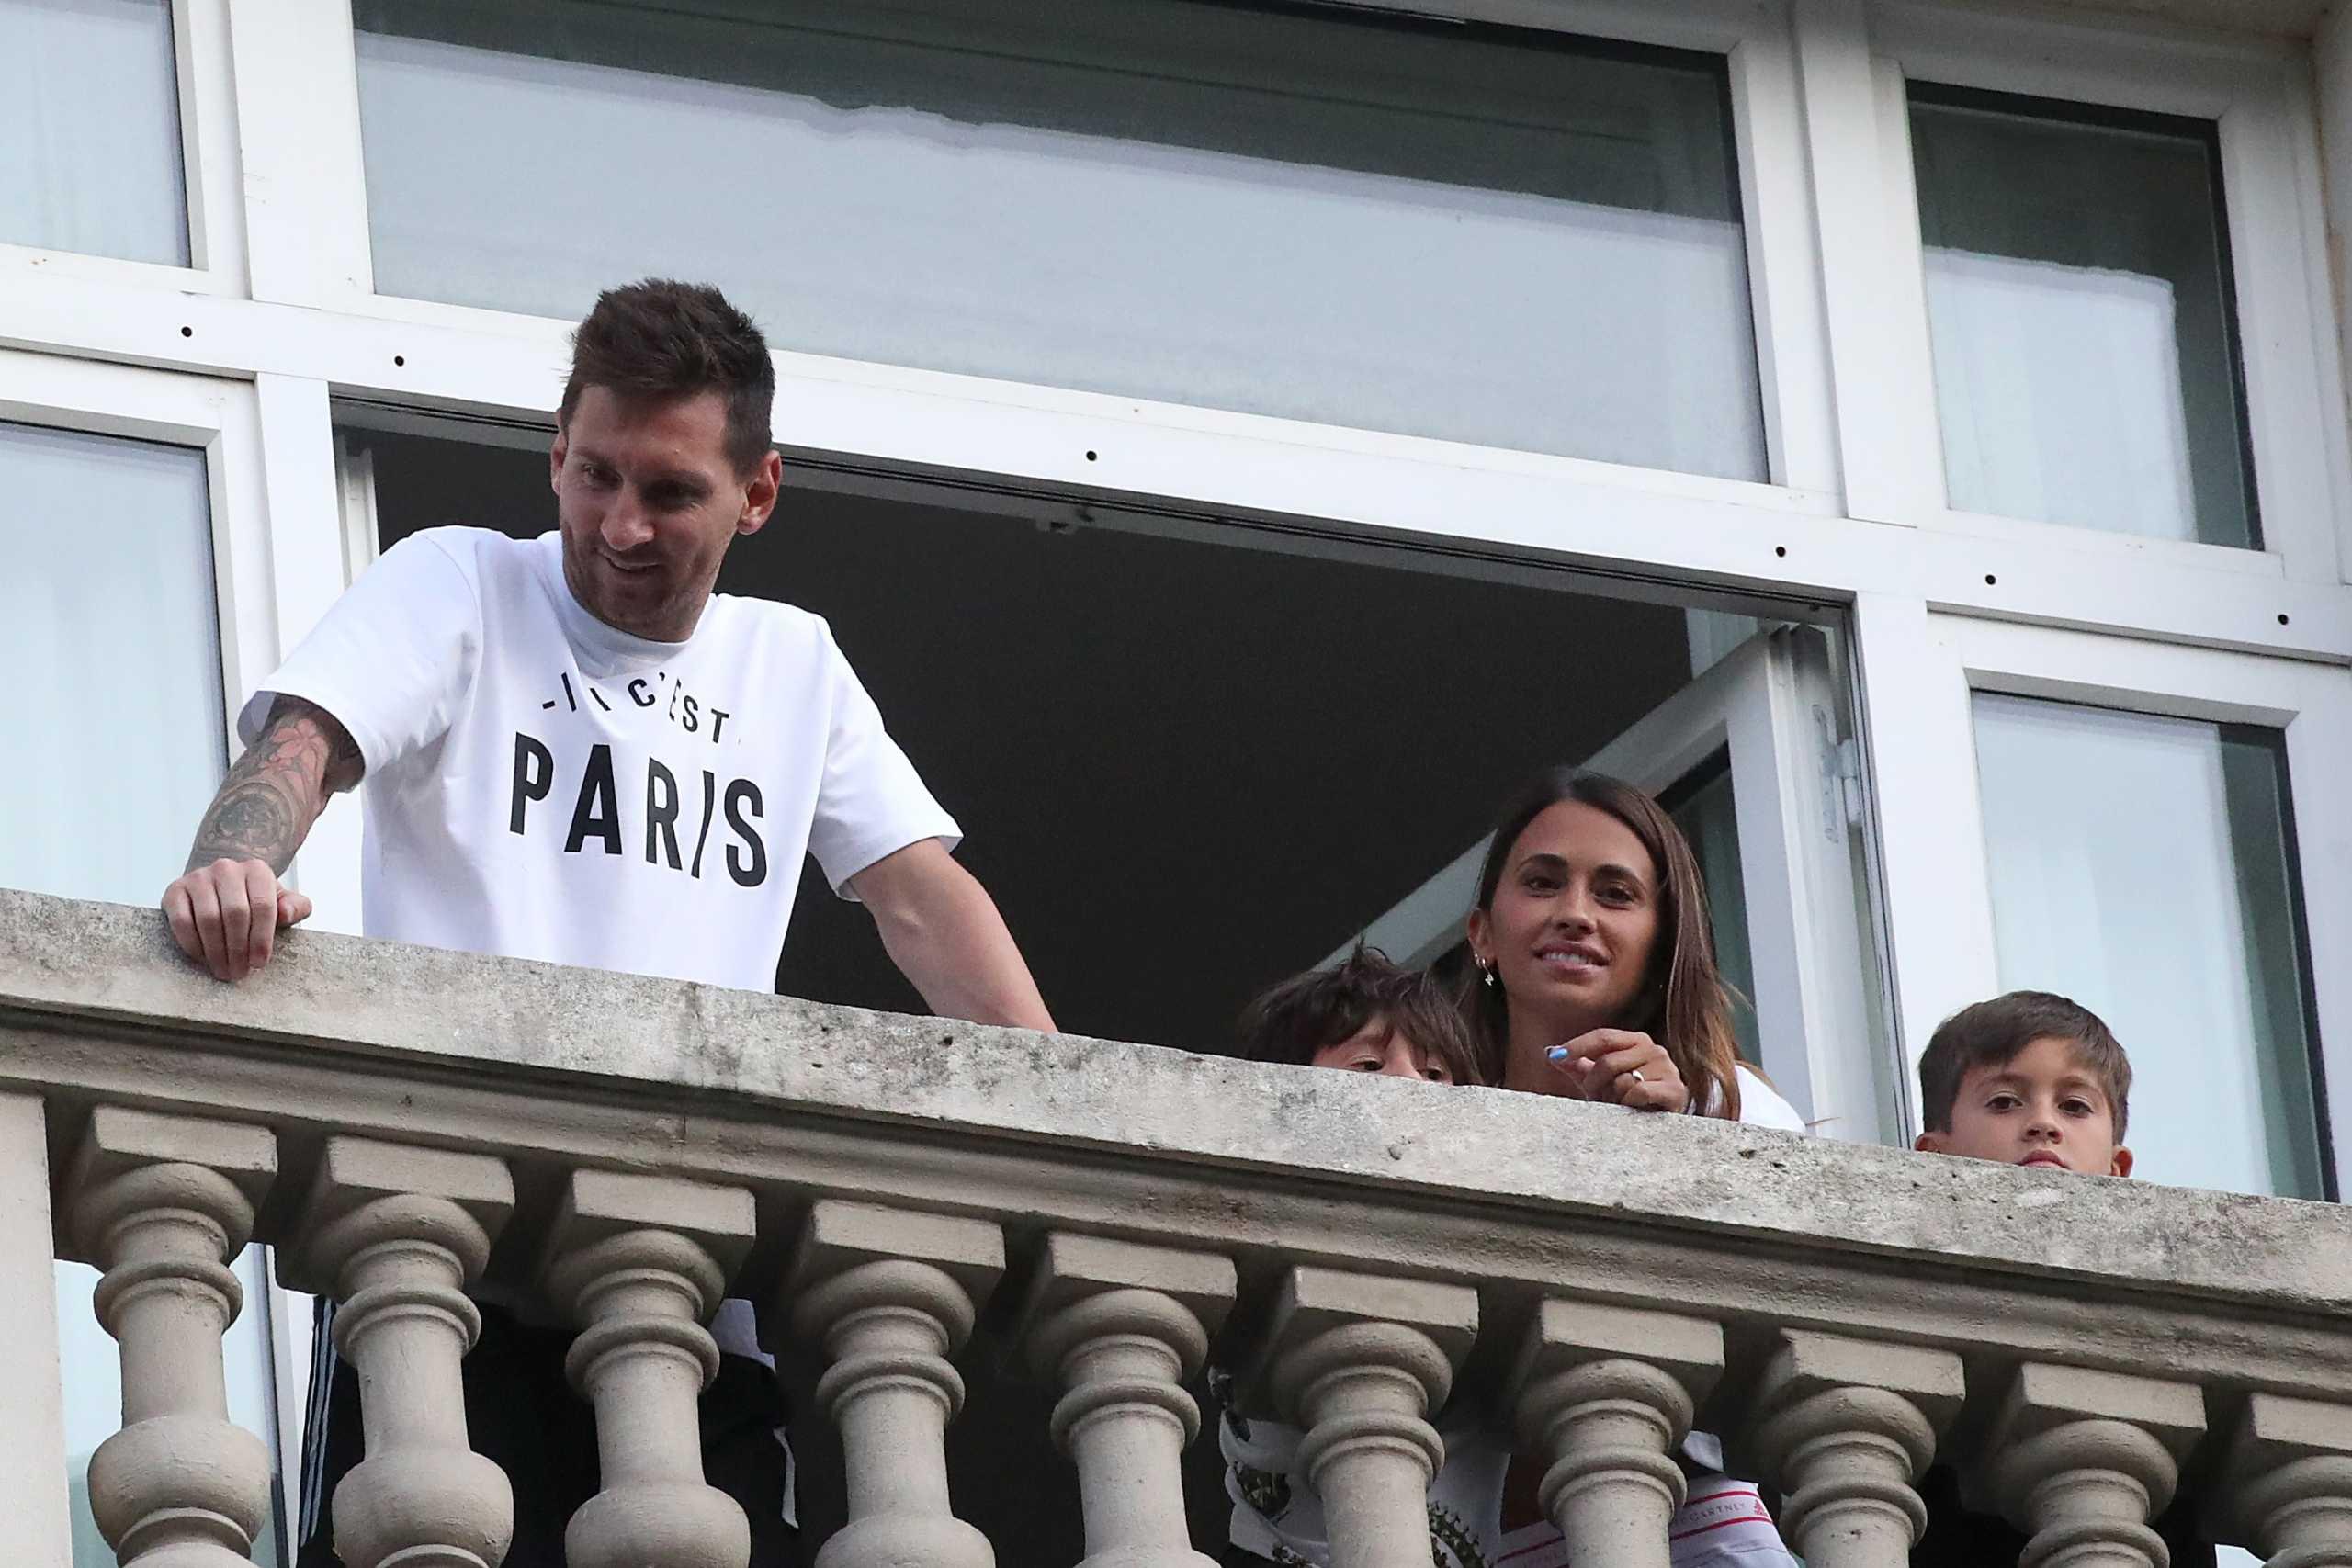 Λιονέλ Μέσι: Ληστές διέρρηξαν το ξενοδοχείο του στο Παρίσι